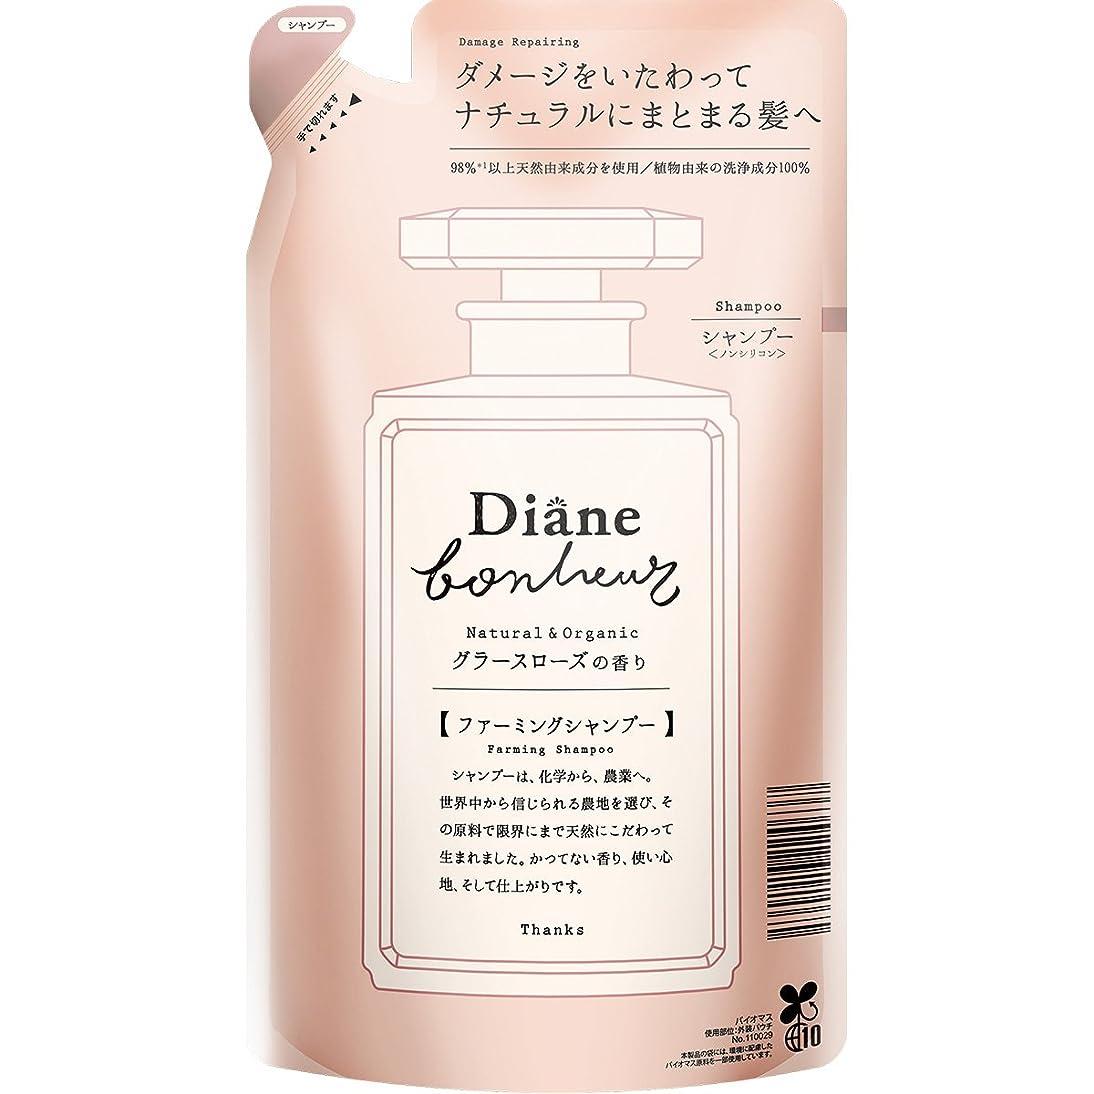 キャンディースペース隔離ダイアン ボヌール グラースローズの香り ダメージリペア シャンプー 詰め替え 400ml